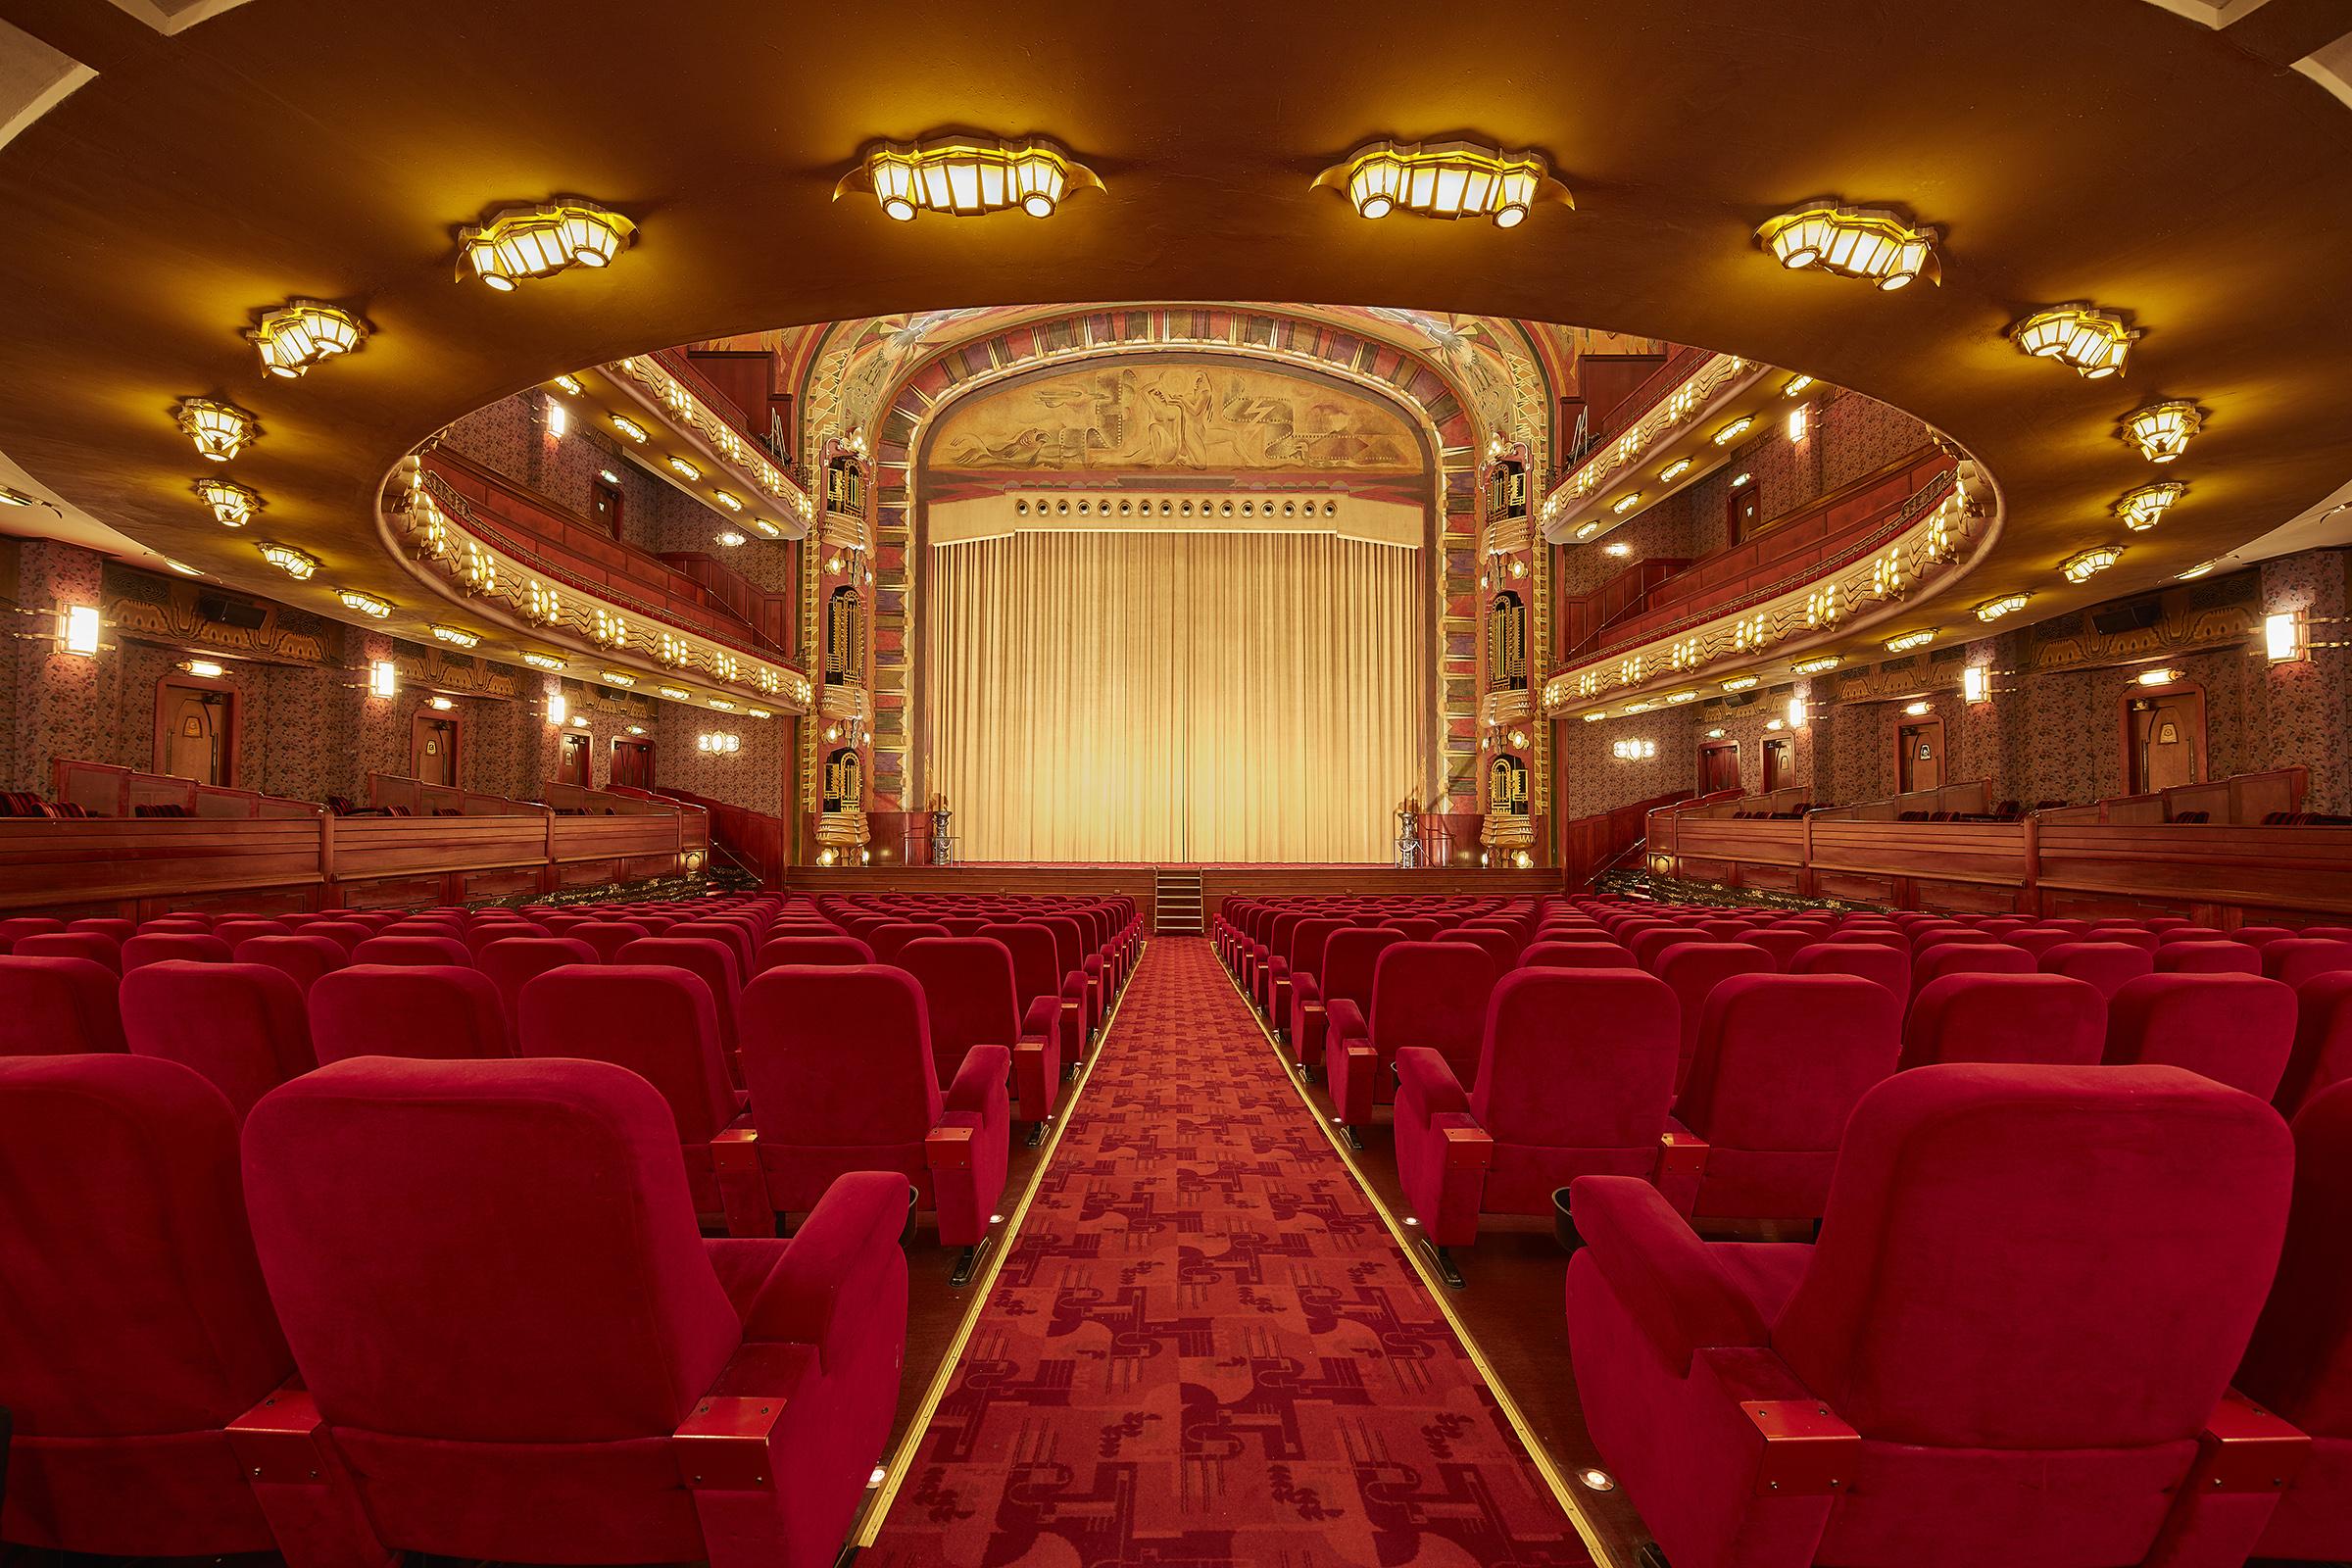 הקולנוע היפה בעולם